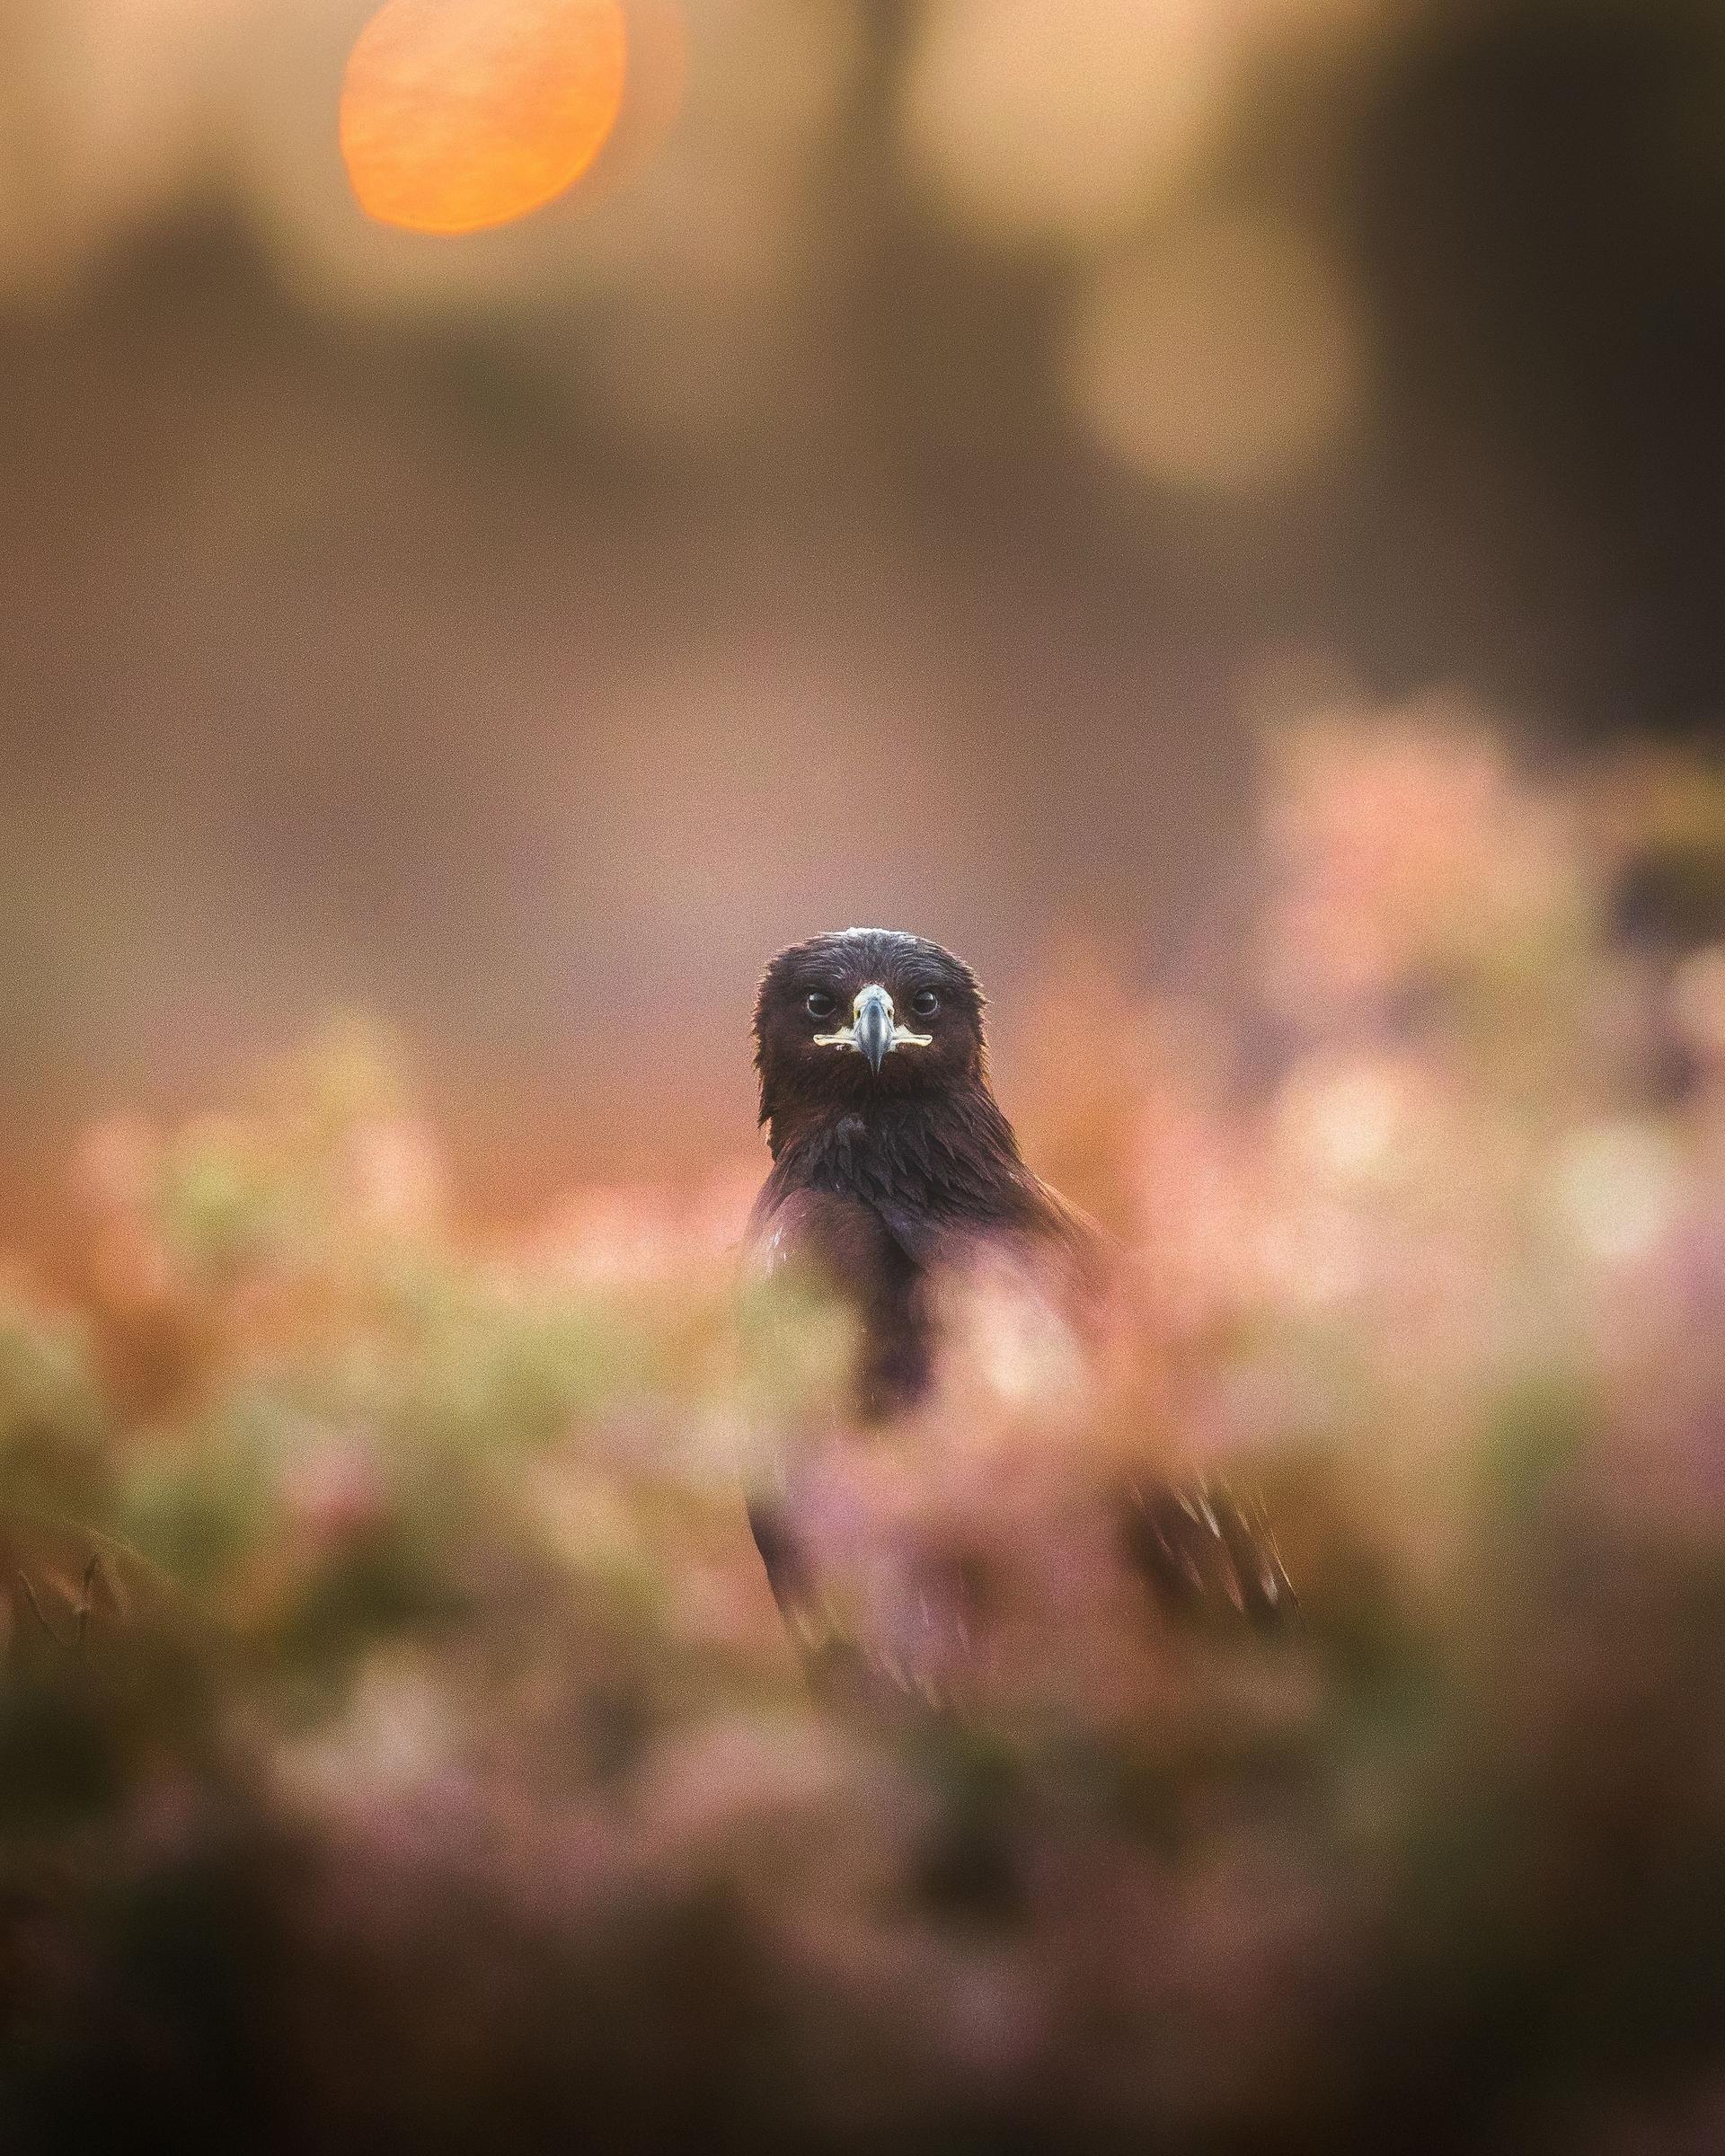 當我在攝影時,一隻老鷹從斑斕的色彩間望向我。於是我轉換主題,拍下了一些很棒的老鷹照片,這是其中一張。